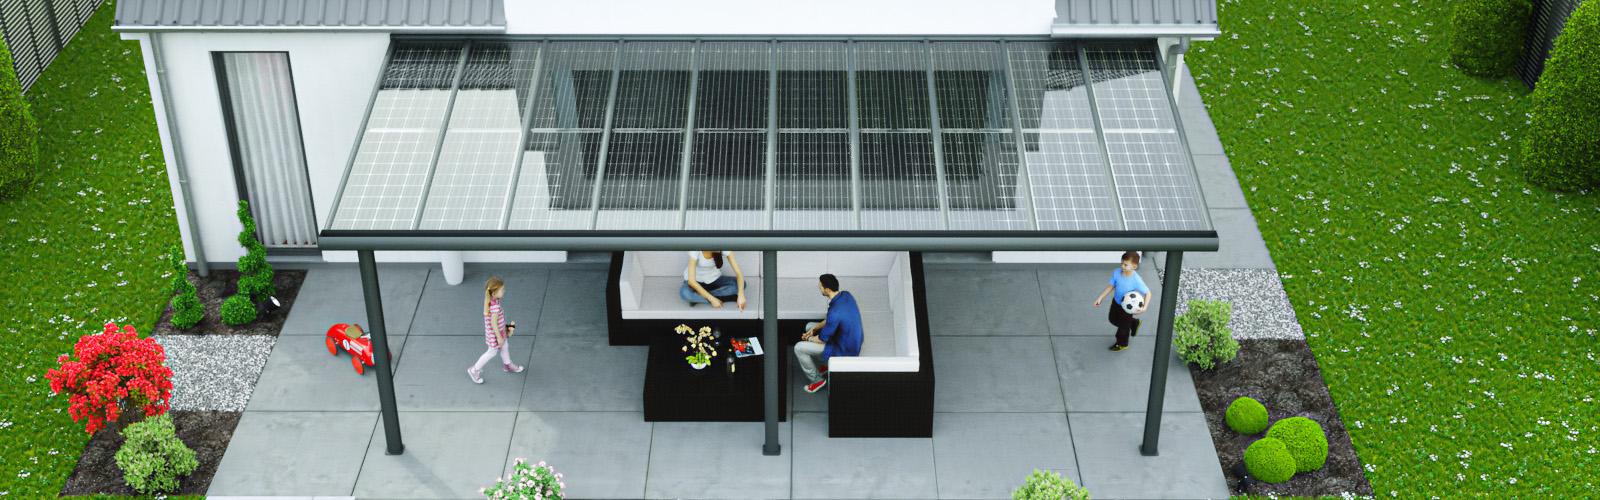 alu terrassendach 0 mit solar als sonnenschutz solarcarport. Black Bedroom Furniture Sets. Home Design Ideas